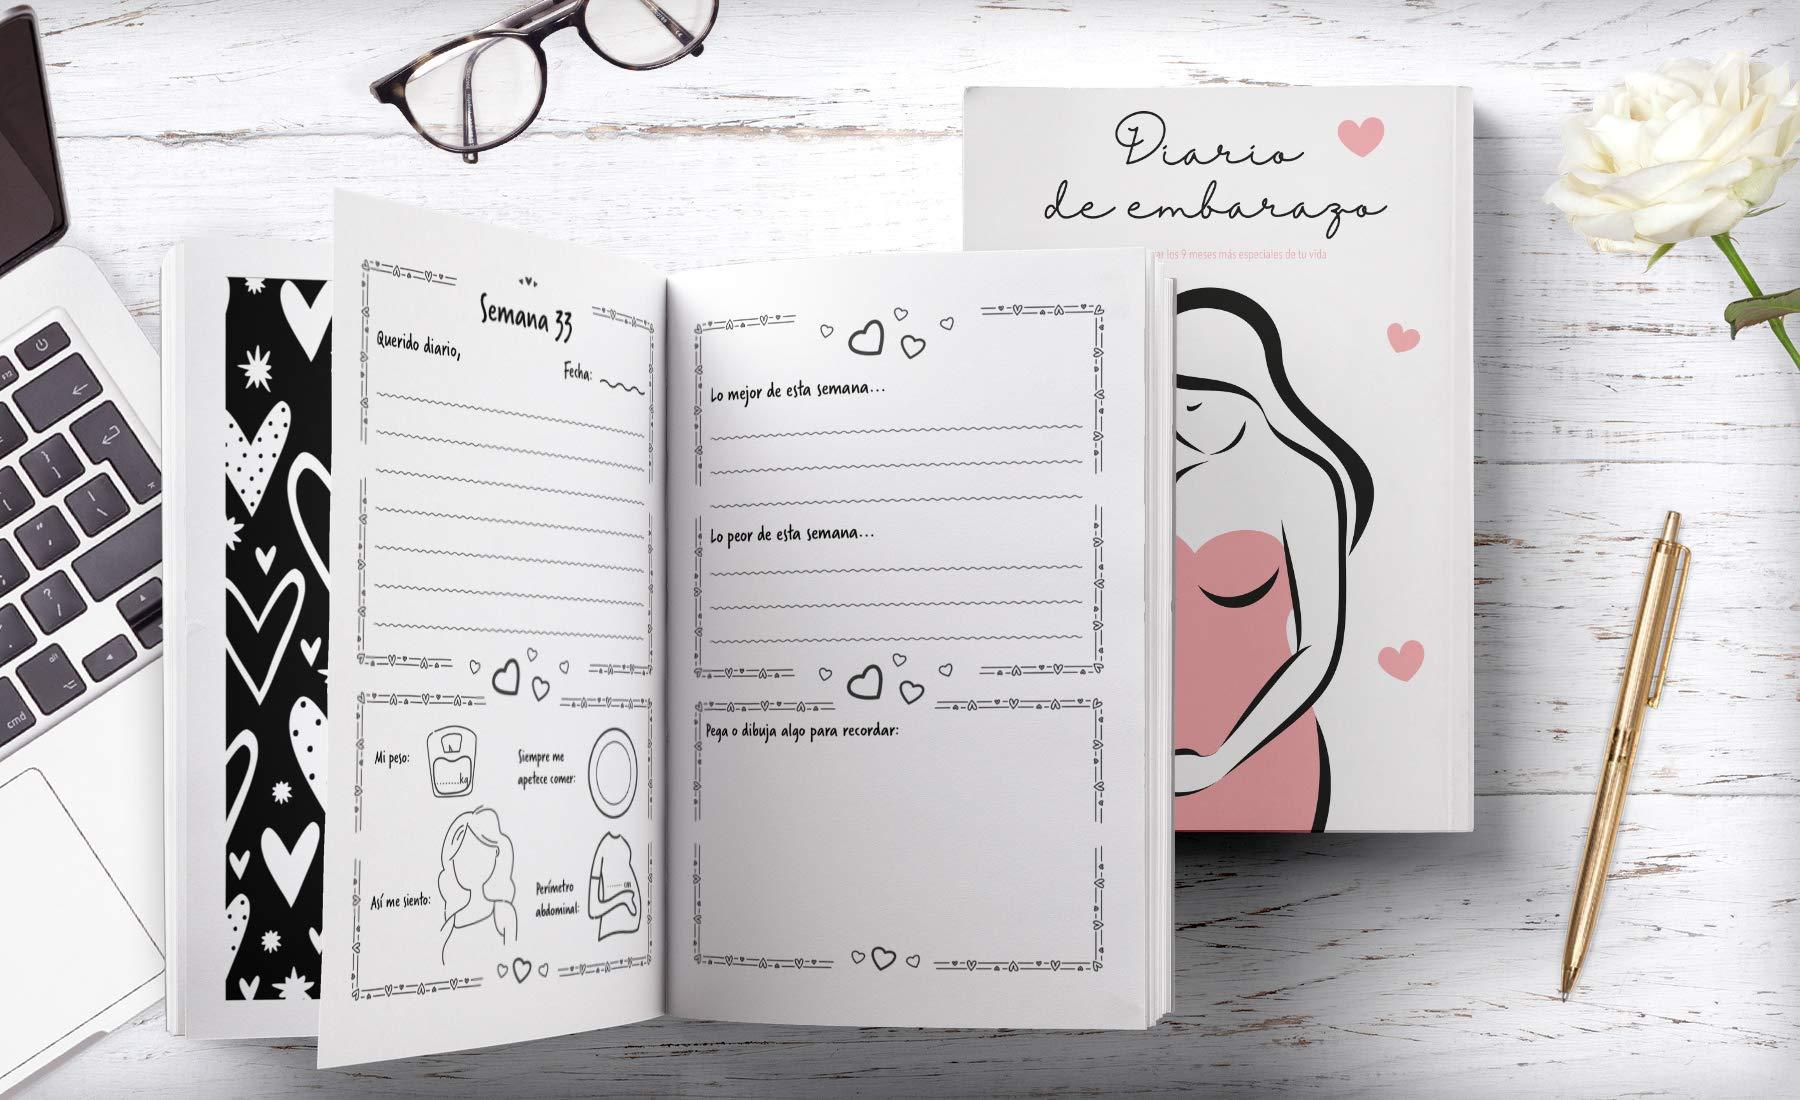 Diario de Embarazo: Agenda embarazo - Para registrar los 9 ...